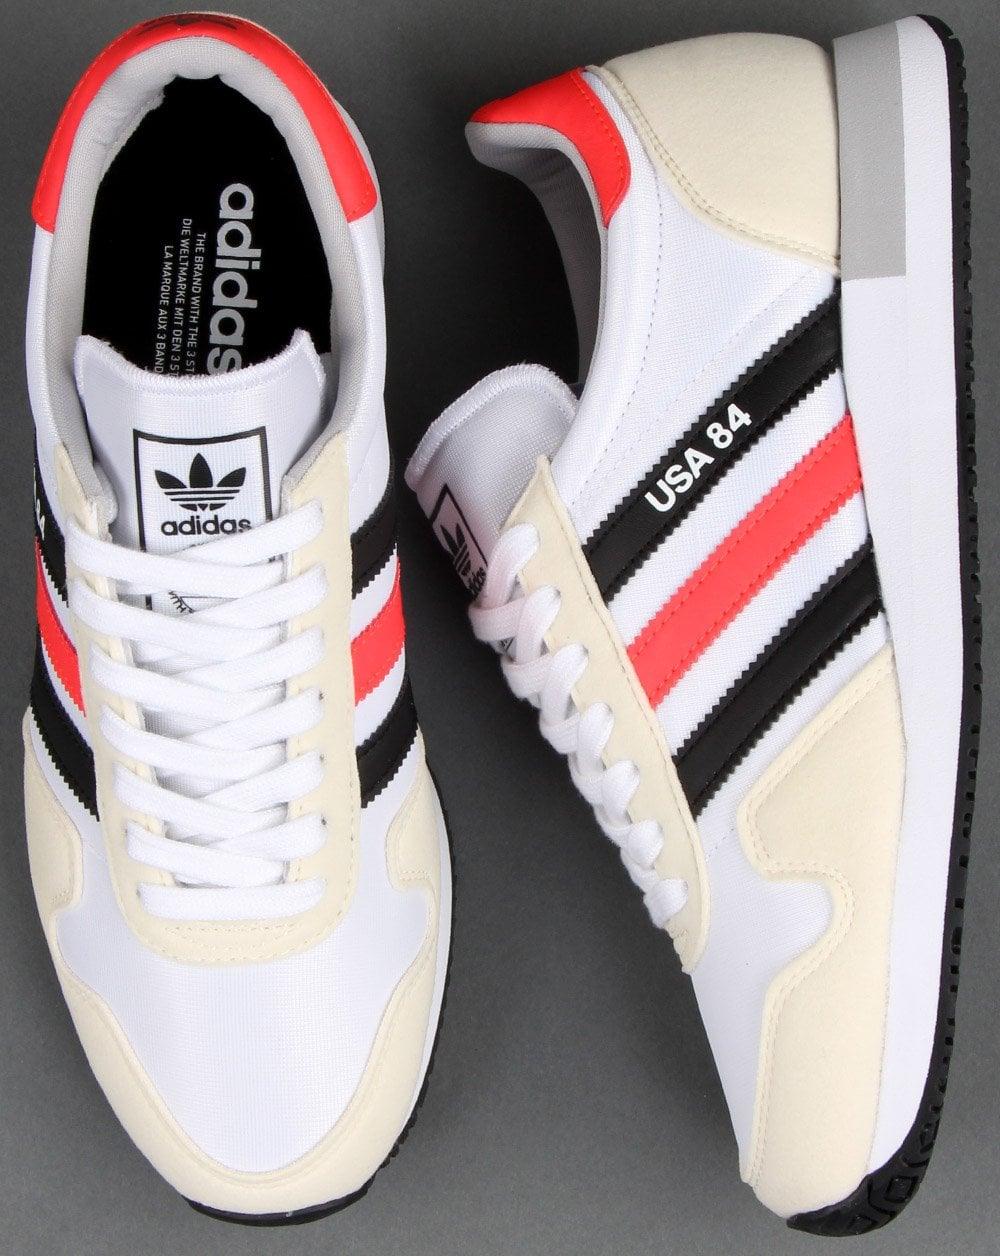 adidas USA 84 trainer